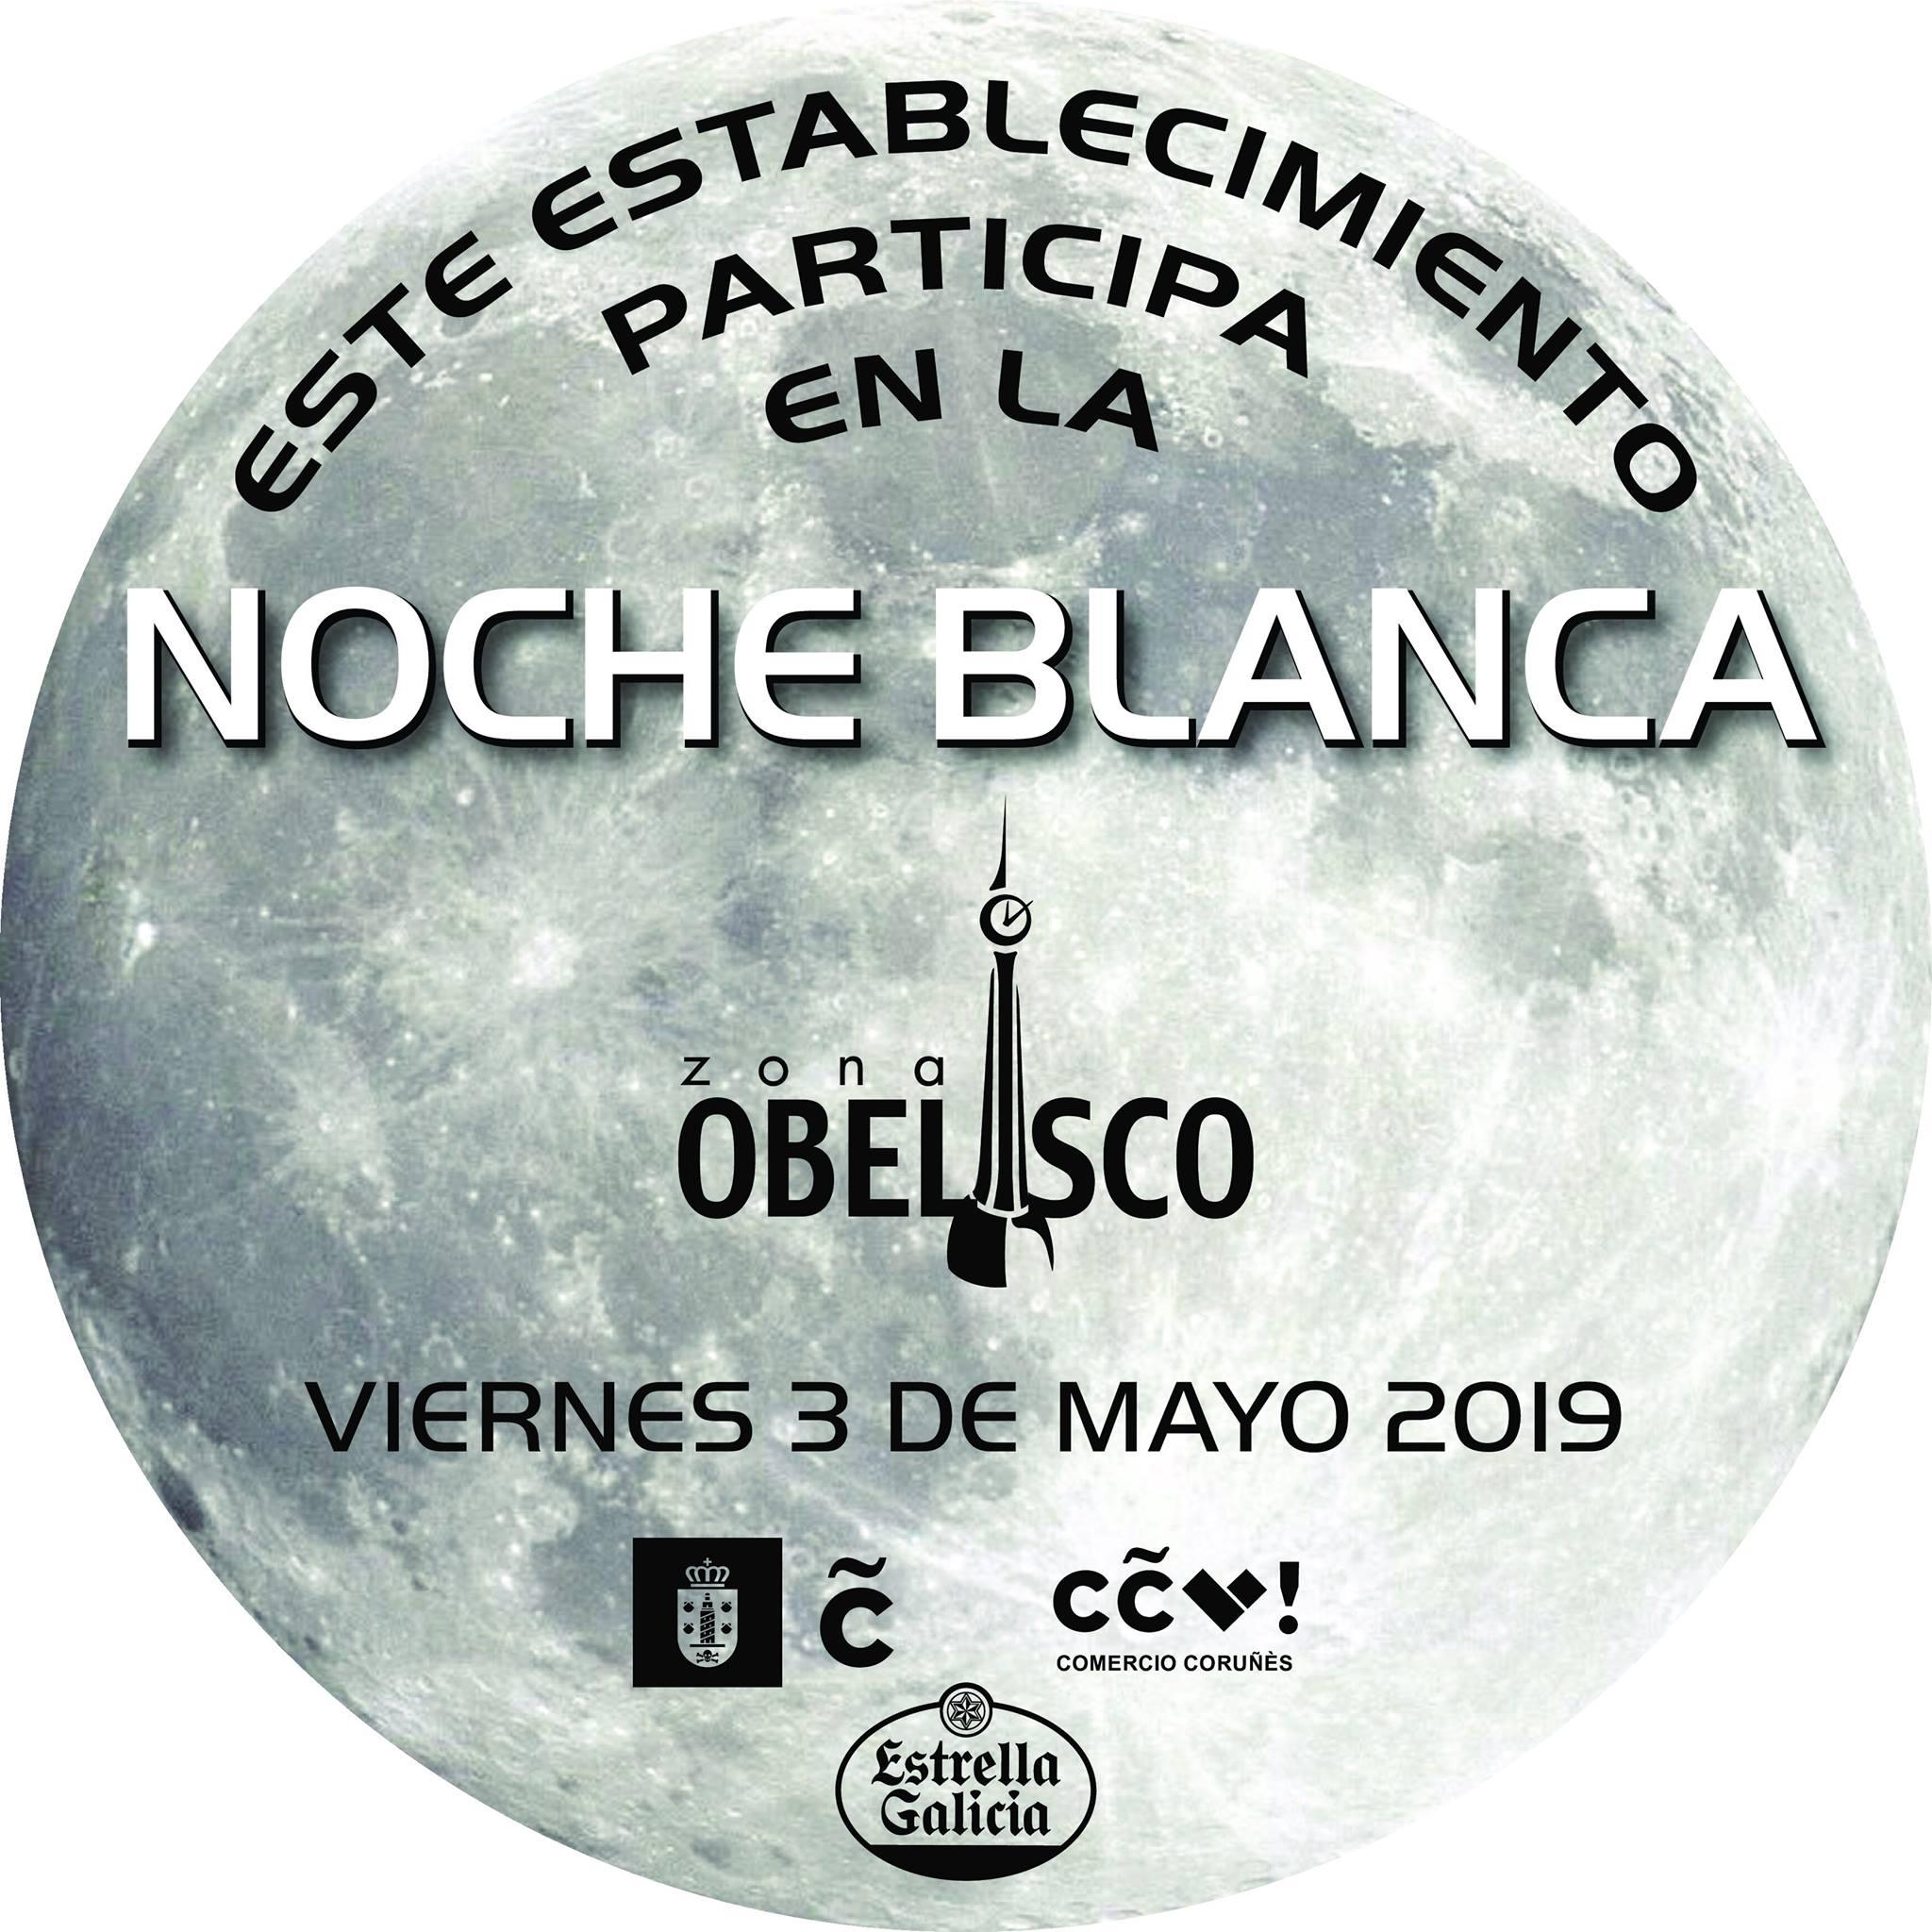 NOCHE BLANCA EN CORUÑA